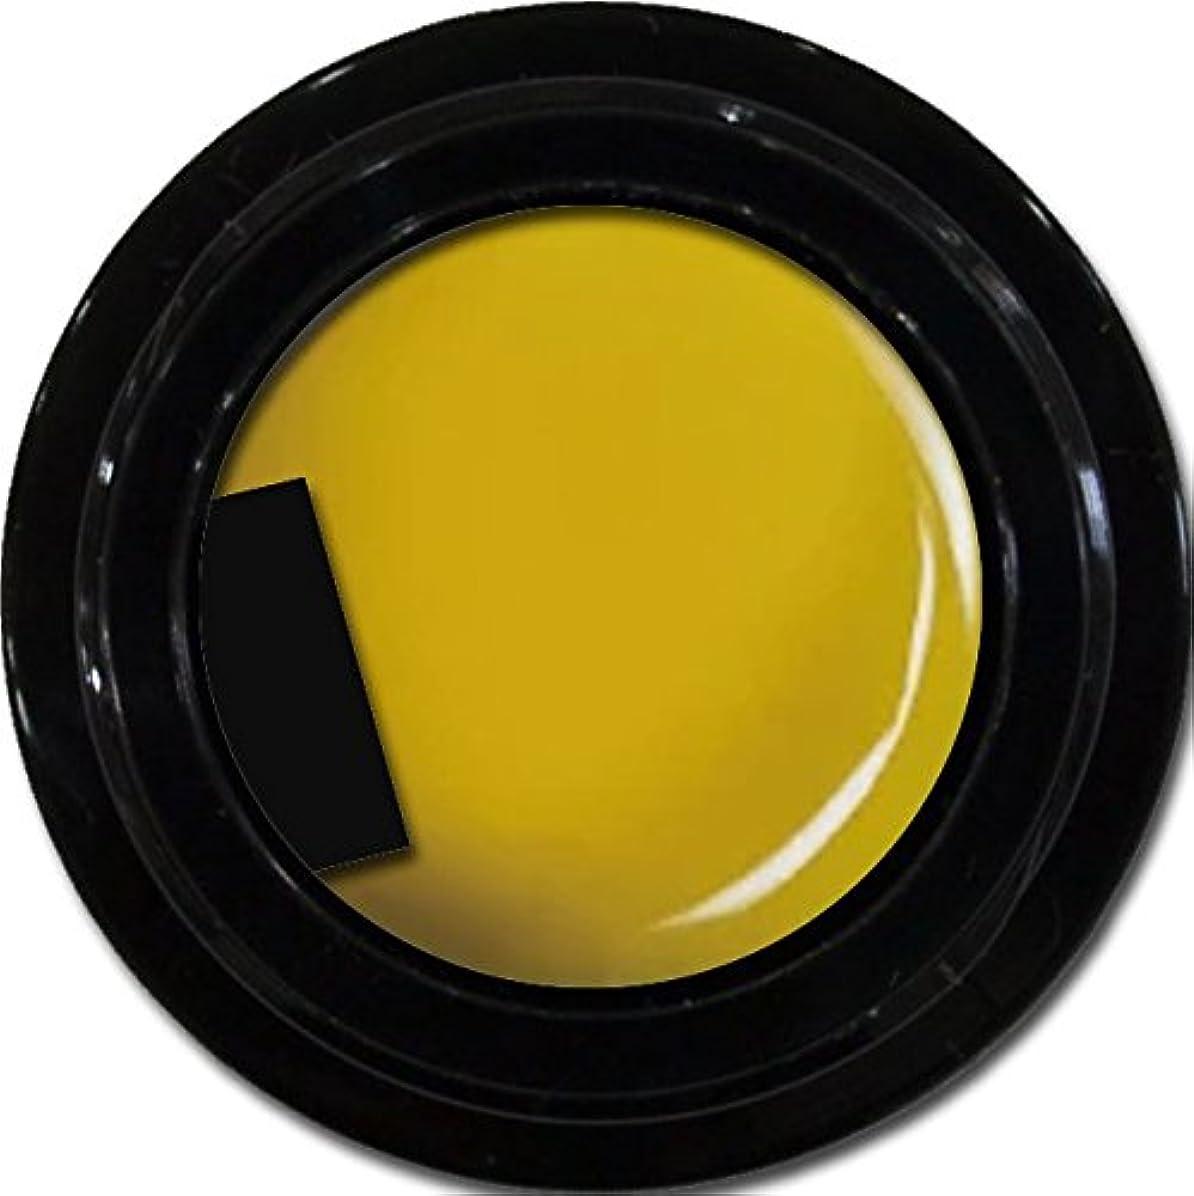 製造件名マウントカラージェル enchant color gel M604 Mustard 3g/ マットカラージェル M604 マスタード 3グラム